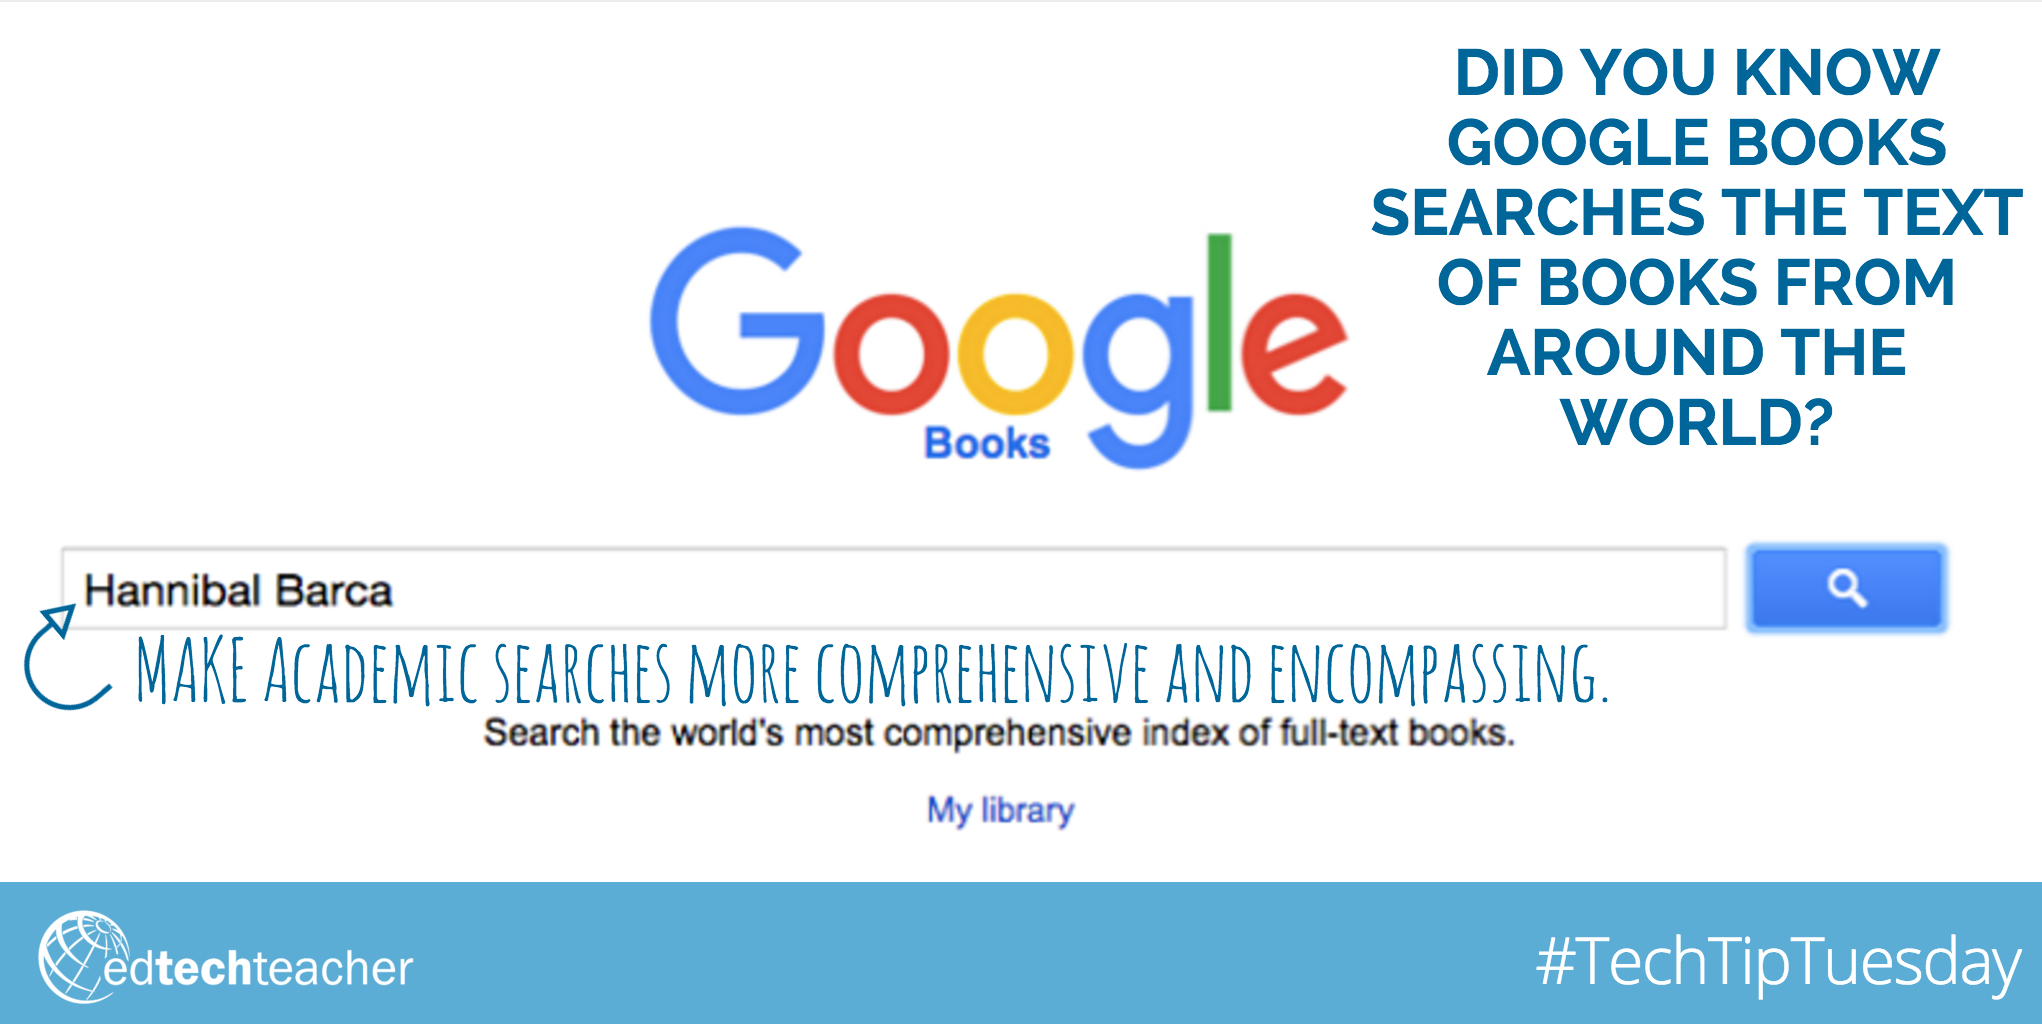 #TechTipTuesday: Learn more about the Power of #GoogleBooks from Jennifer Carey http://edtechteacher.org/google-books-jen-carey/ #GAFE